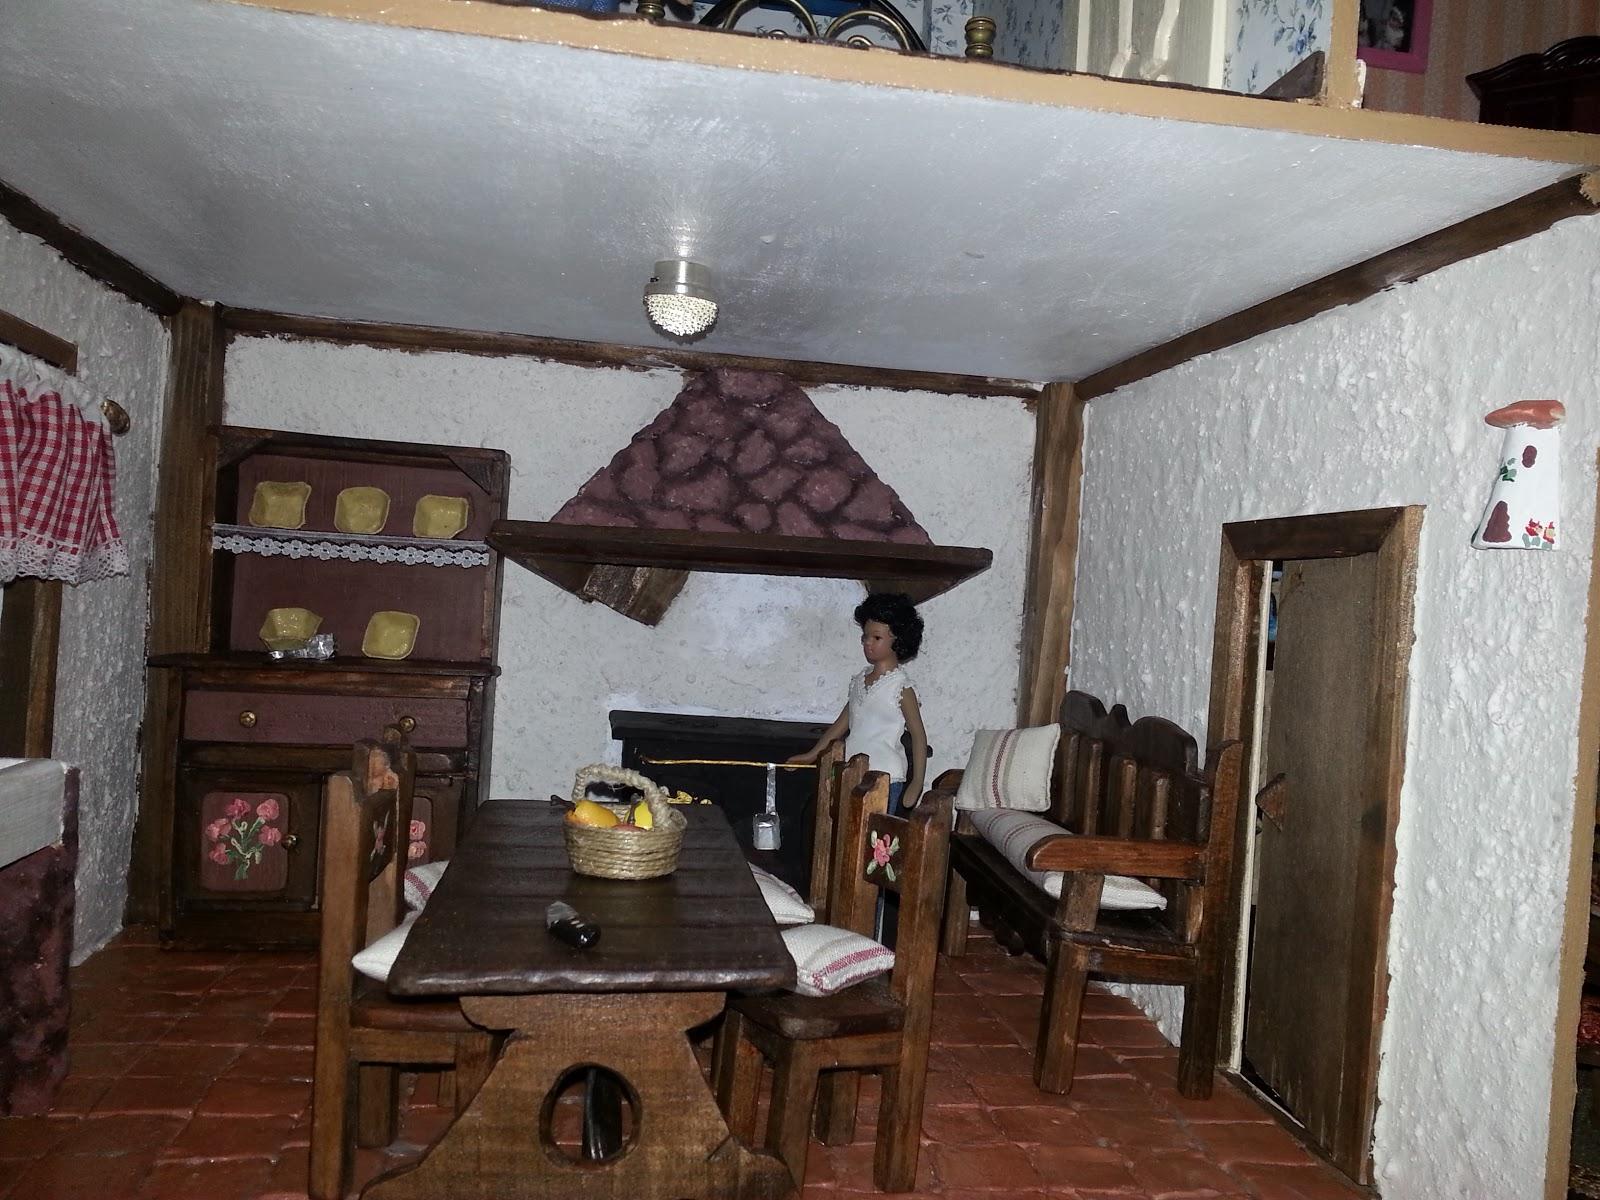 Crea construye recicla y restaura interior cocina casa de mu ecas - Casa de munecas you and me ...